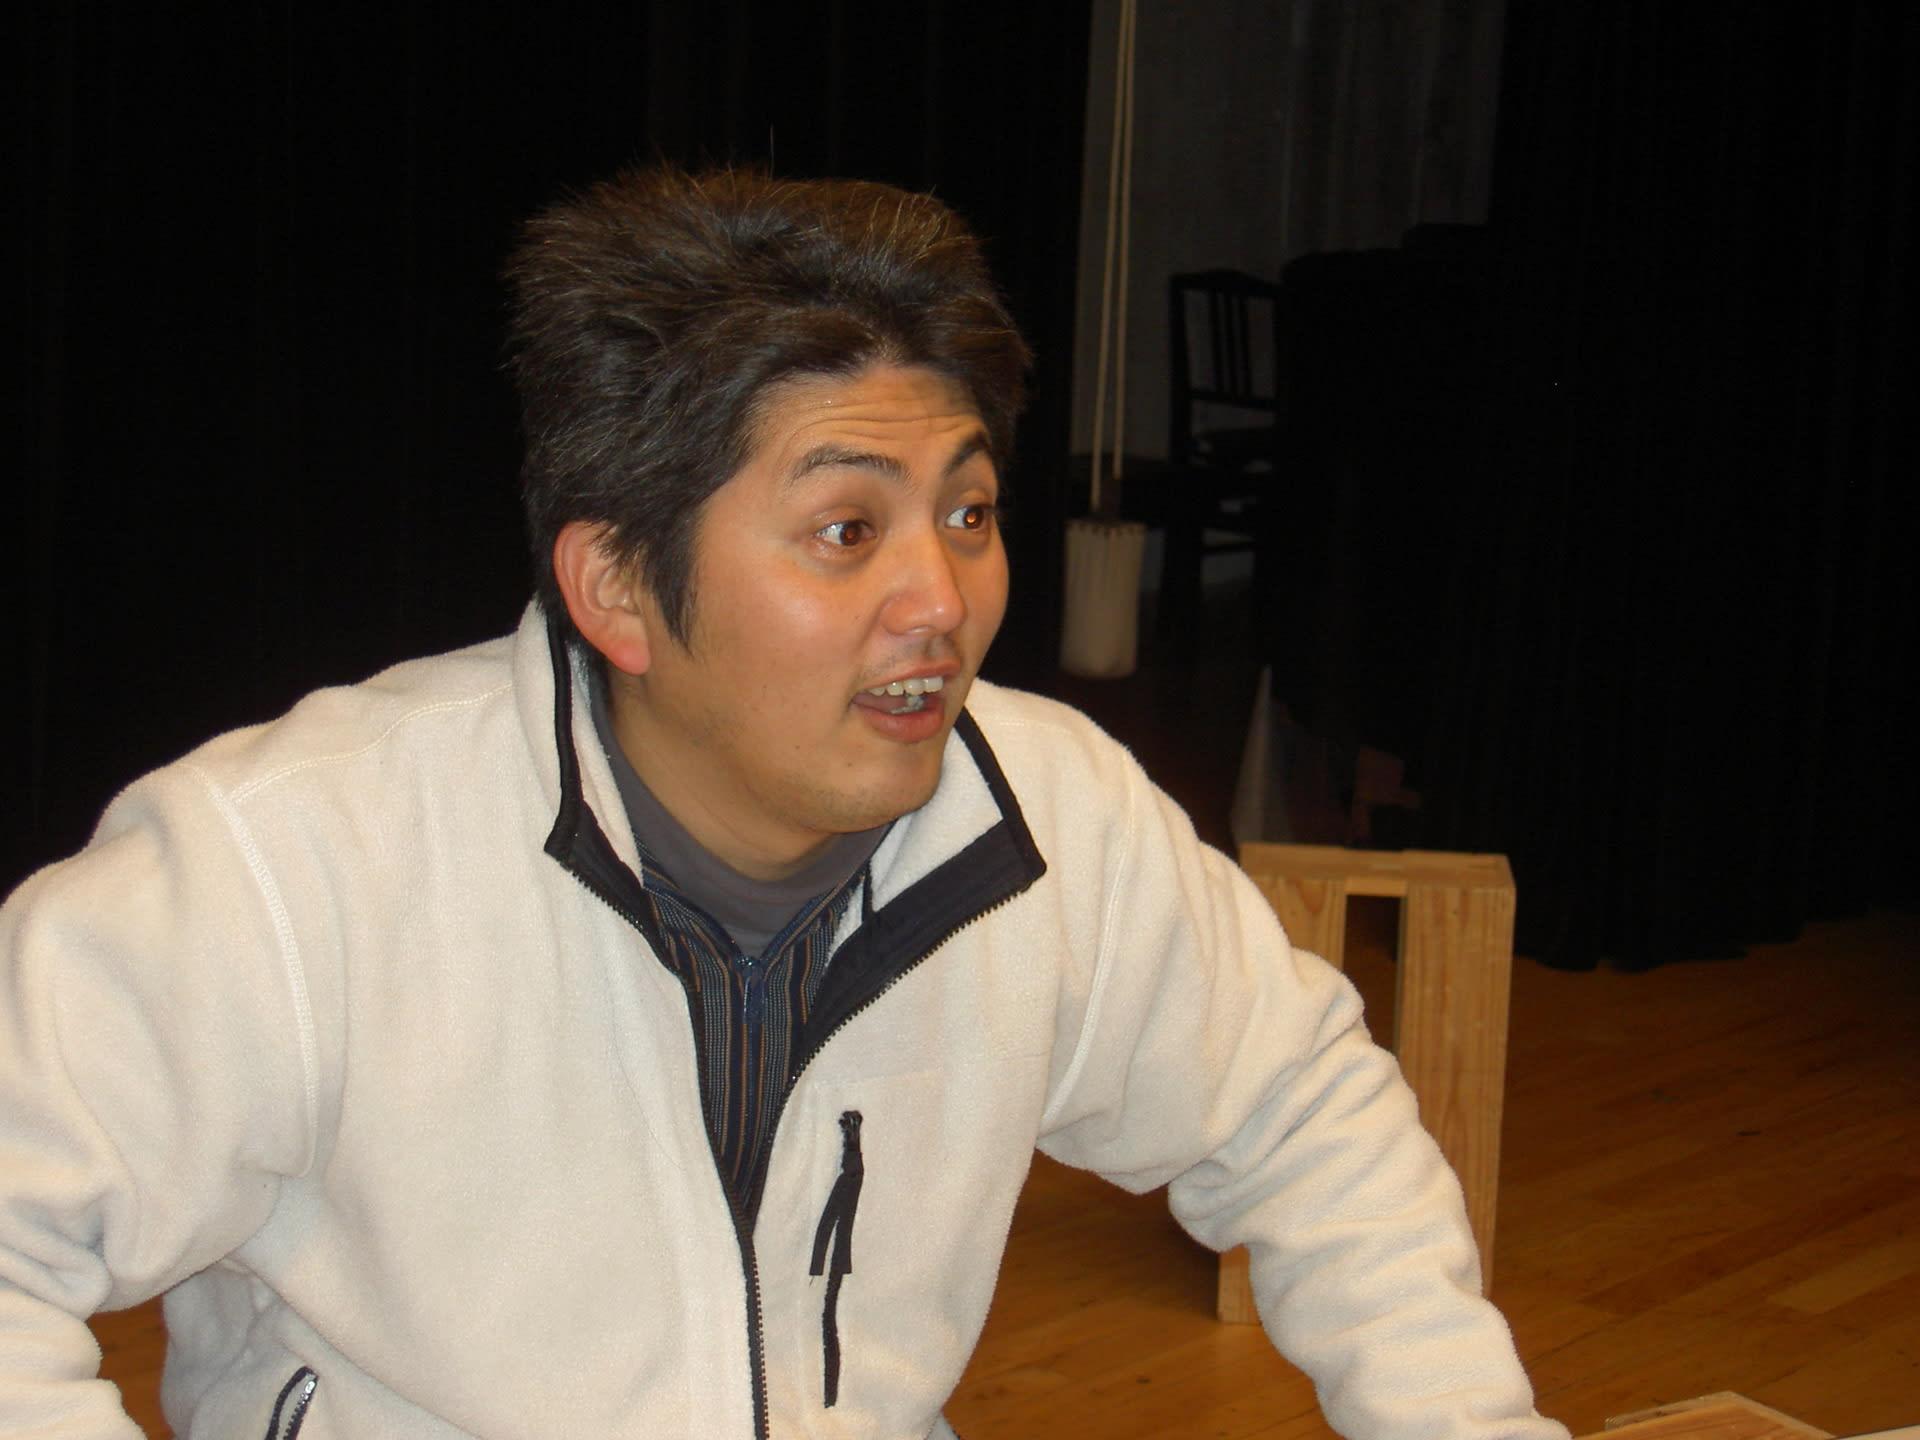 12人の怒れる男 In 岡山